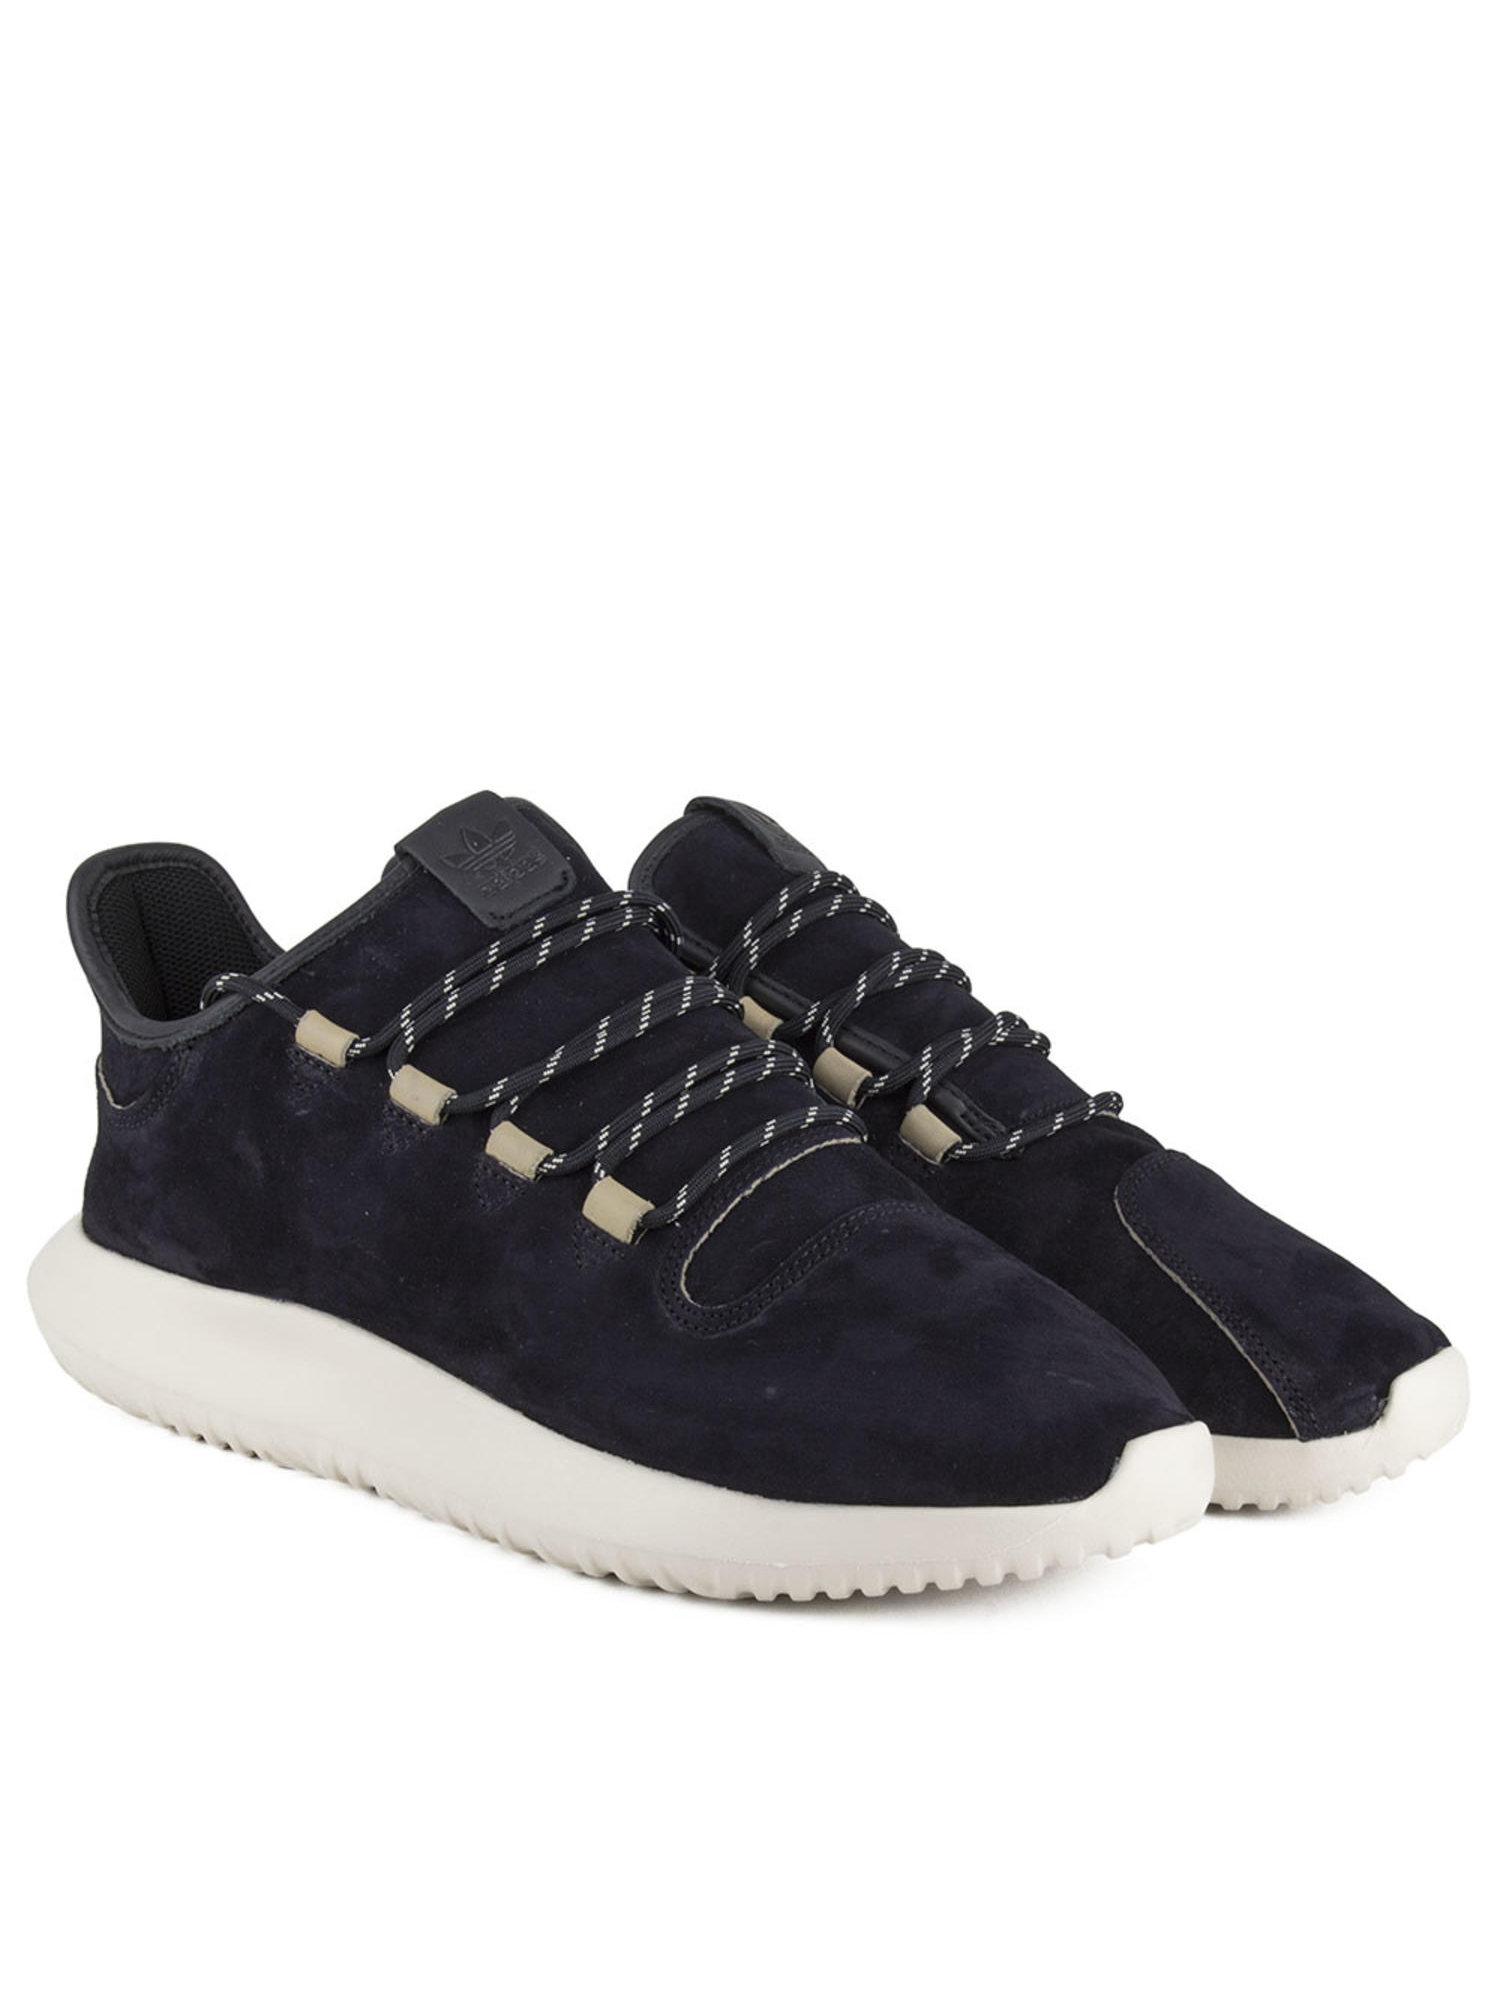 Adidas Zapatos Tubular Originals sportif Nuevo Deporte Originals Tubular Tubular 739f5c